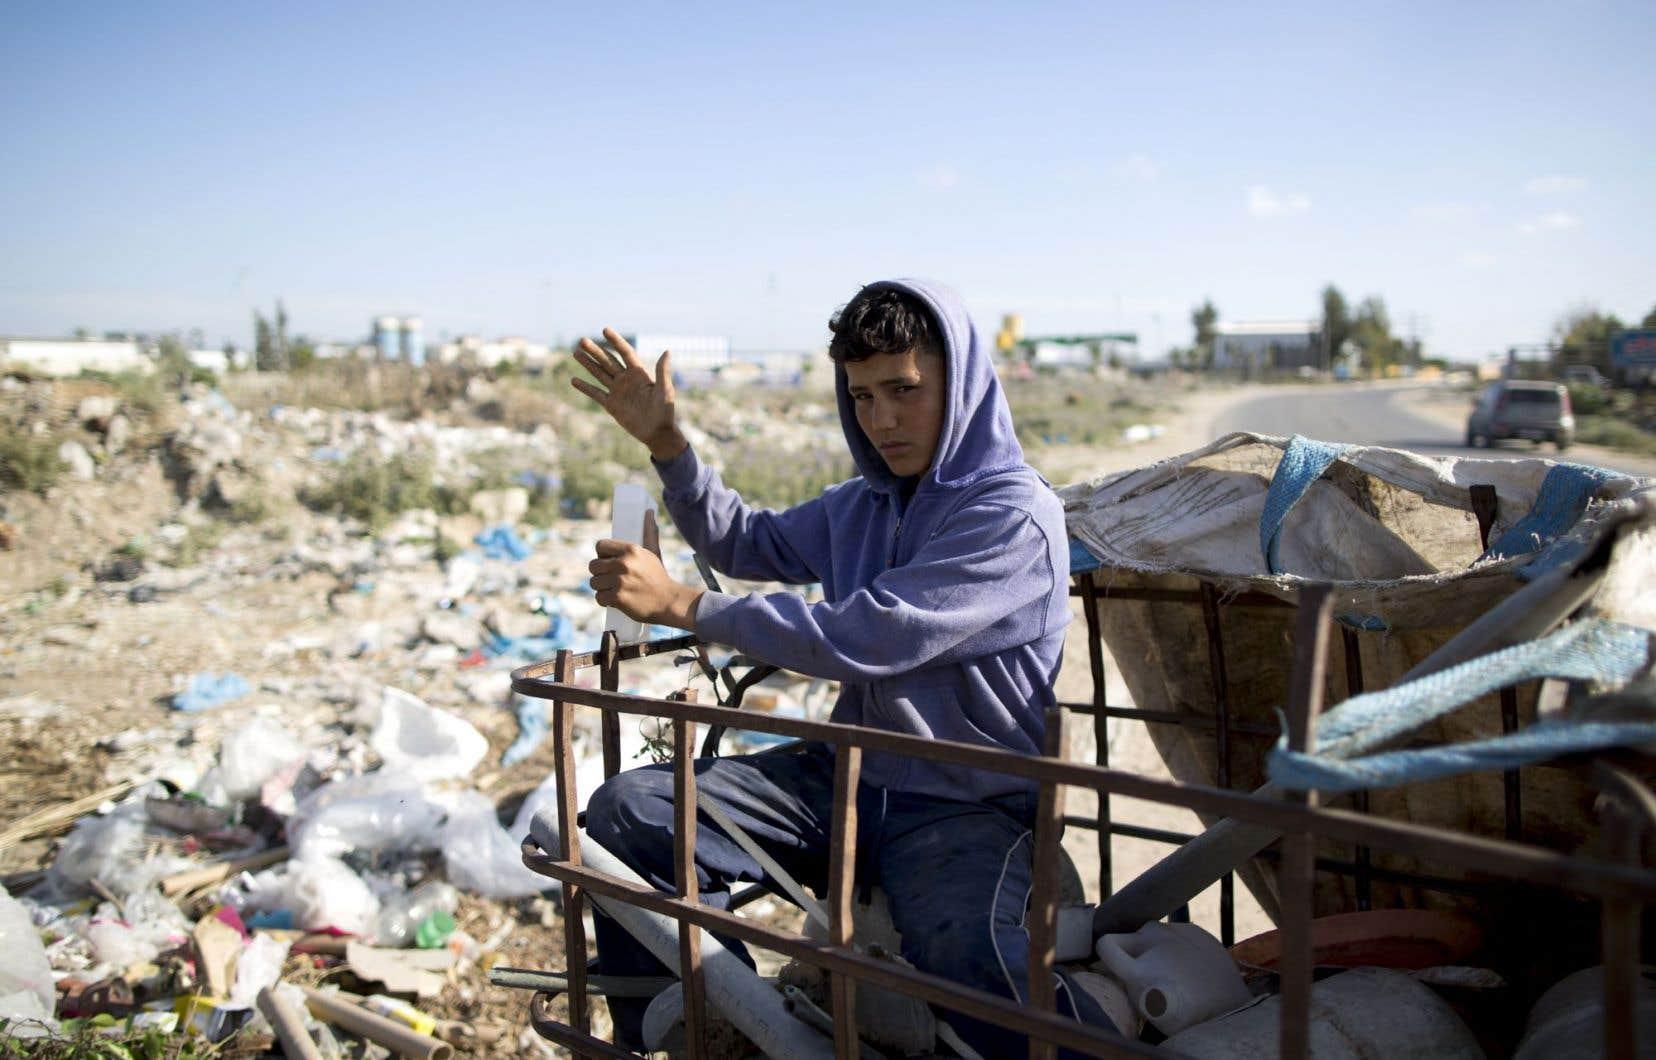 Karam al-Zaaneen, un jeune Palestinien de 13 ans, récupérait du plastique dans la fosse à ordures de Beit Hanun, au nord de Gaza, le 18 mai dernier.